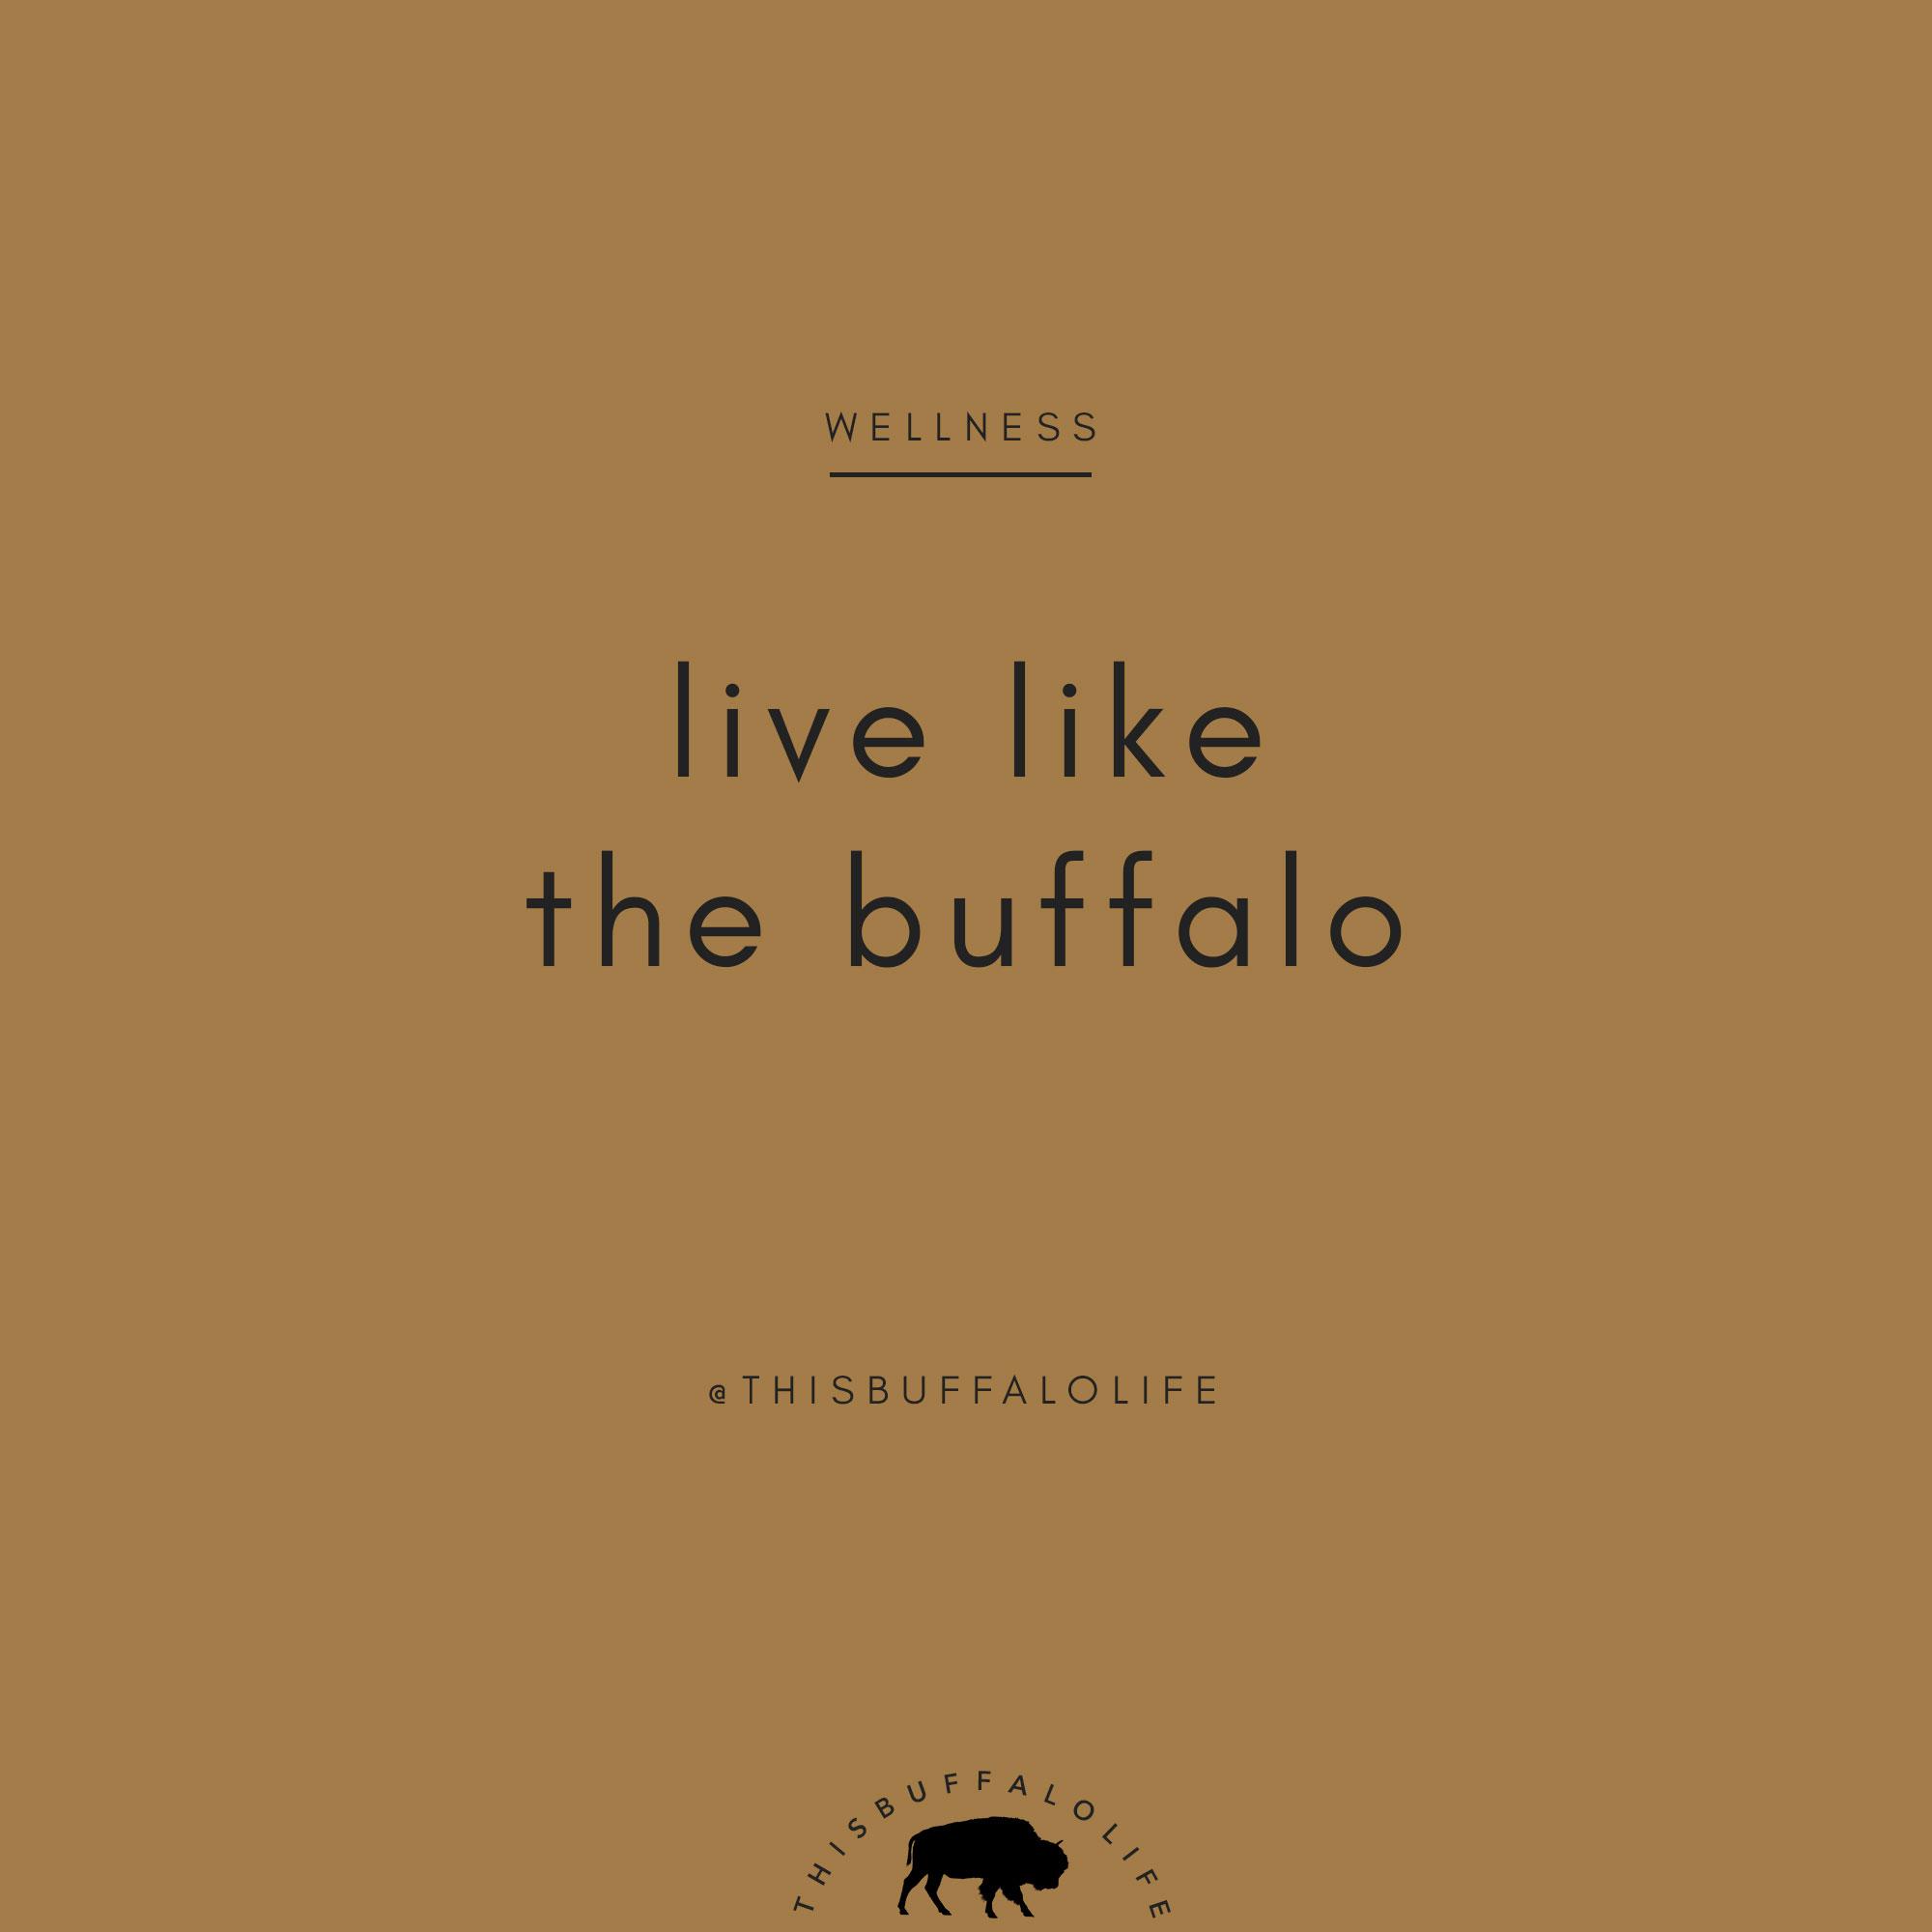 live-like-buffalo.jpg